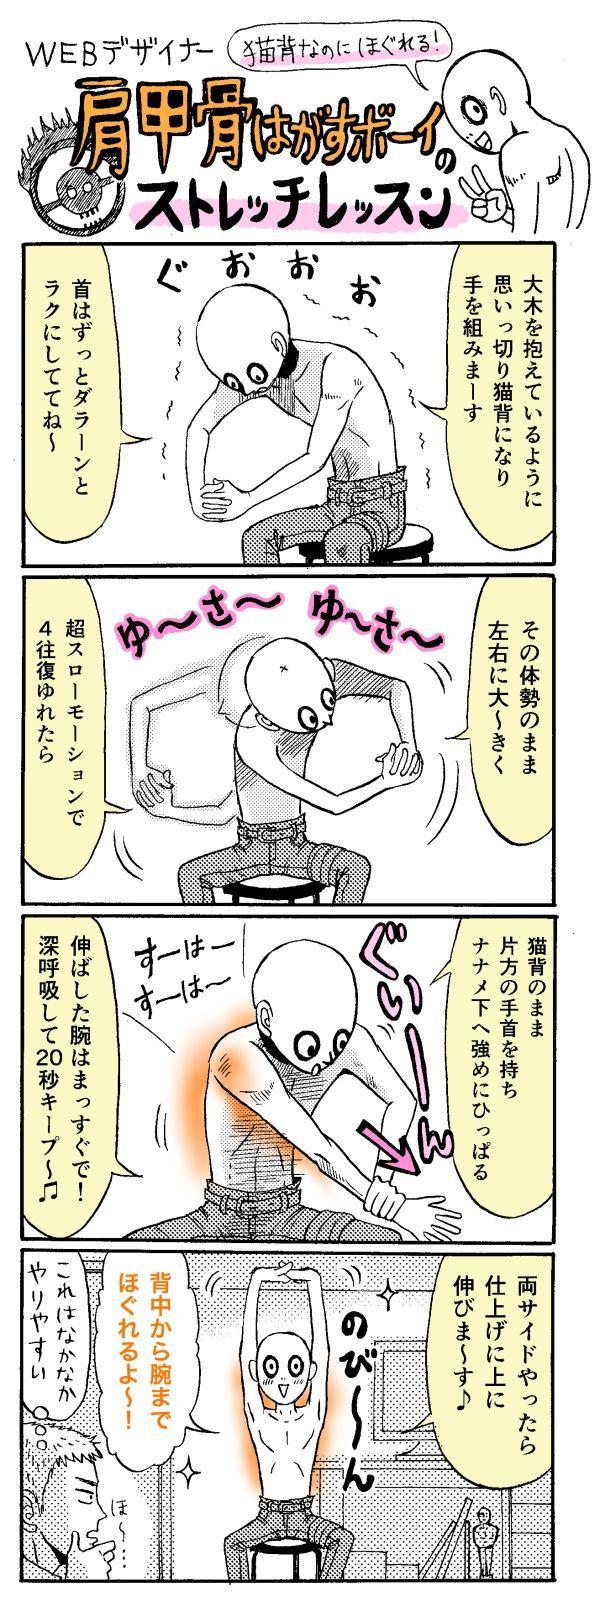 【必見】肩コリに効果的な「猫背ストレッチ」とは? - いまトピ